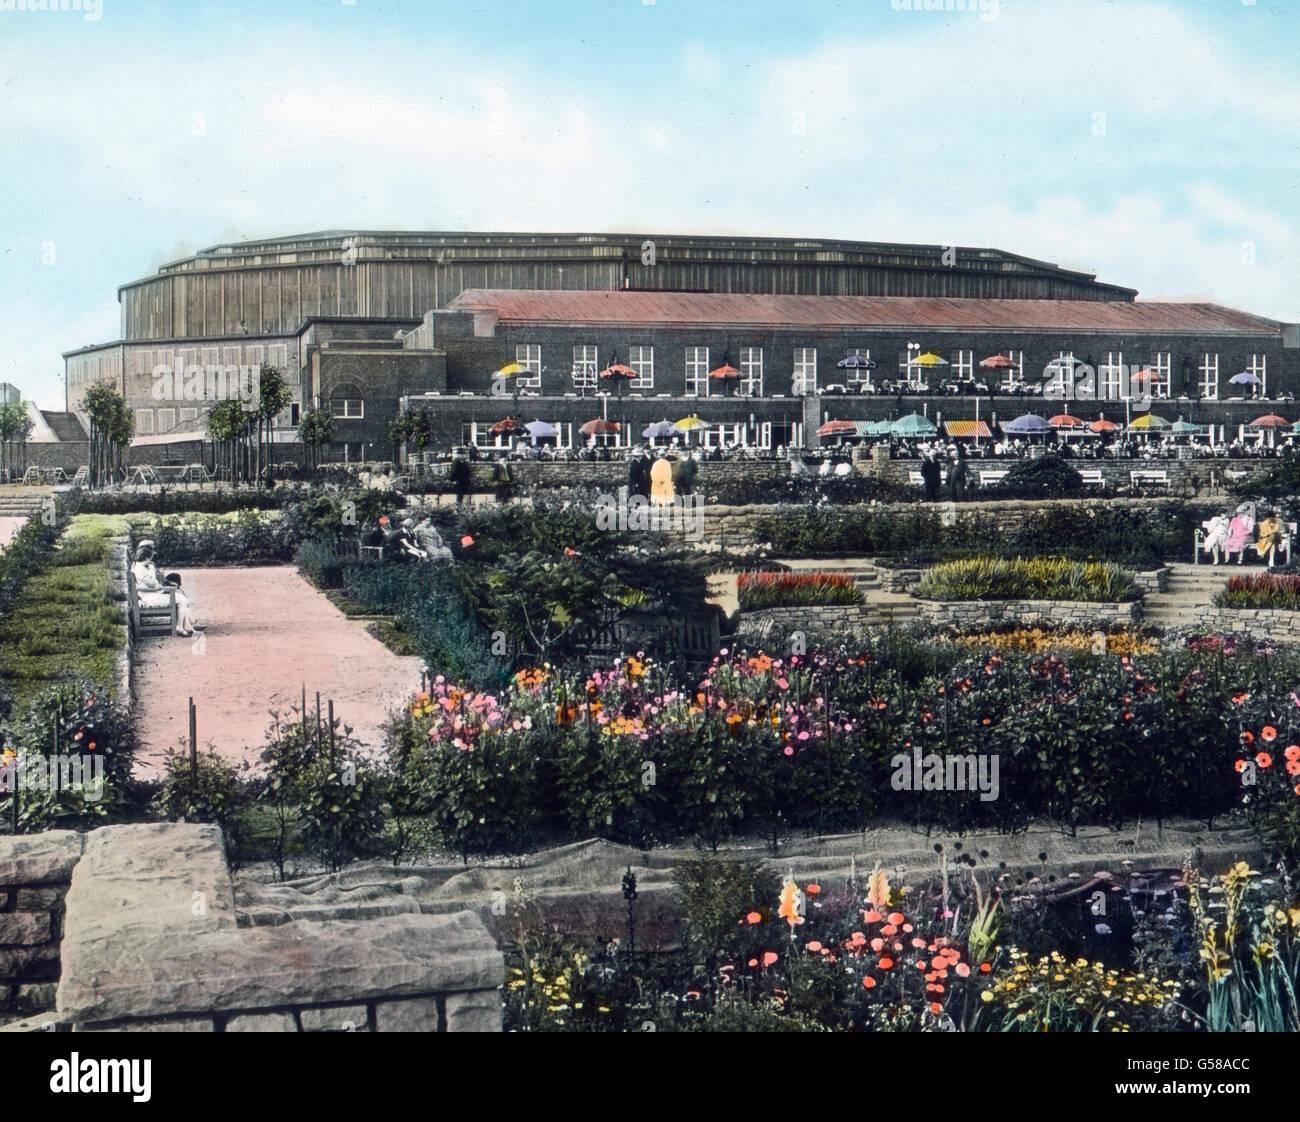 Eine Sehenswürdigkeit in Dortmund ist die Westfalenhalle, der größte Hallenbau Westdeutschlands, - Stock Image